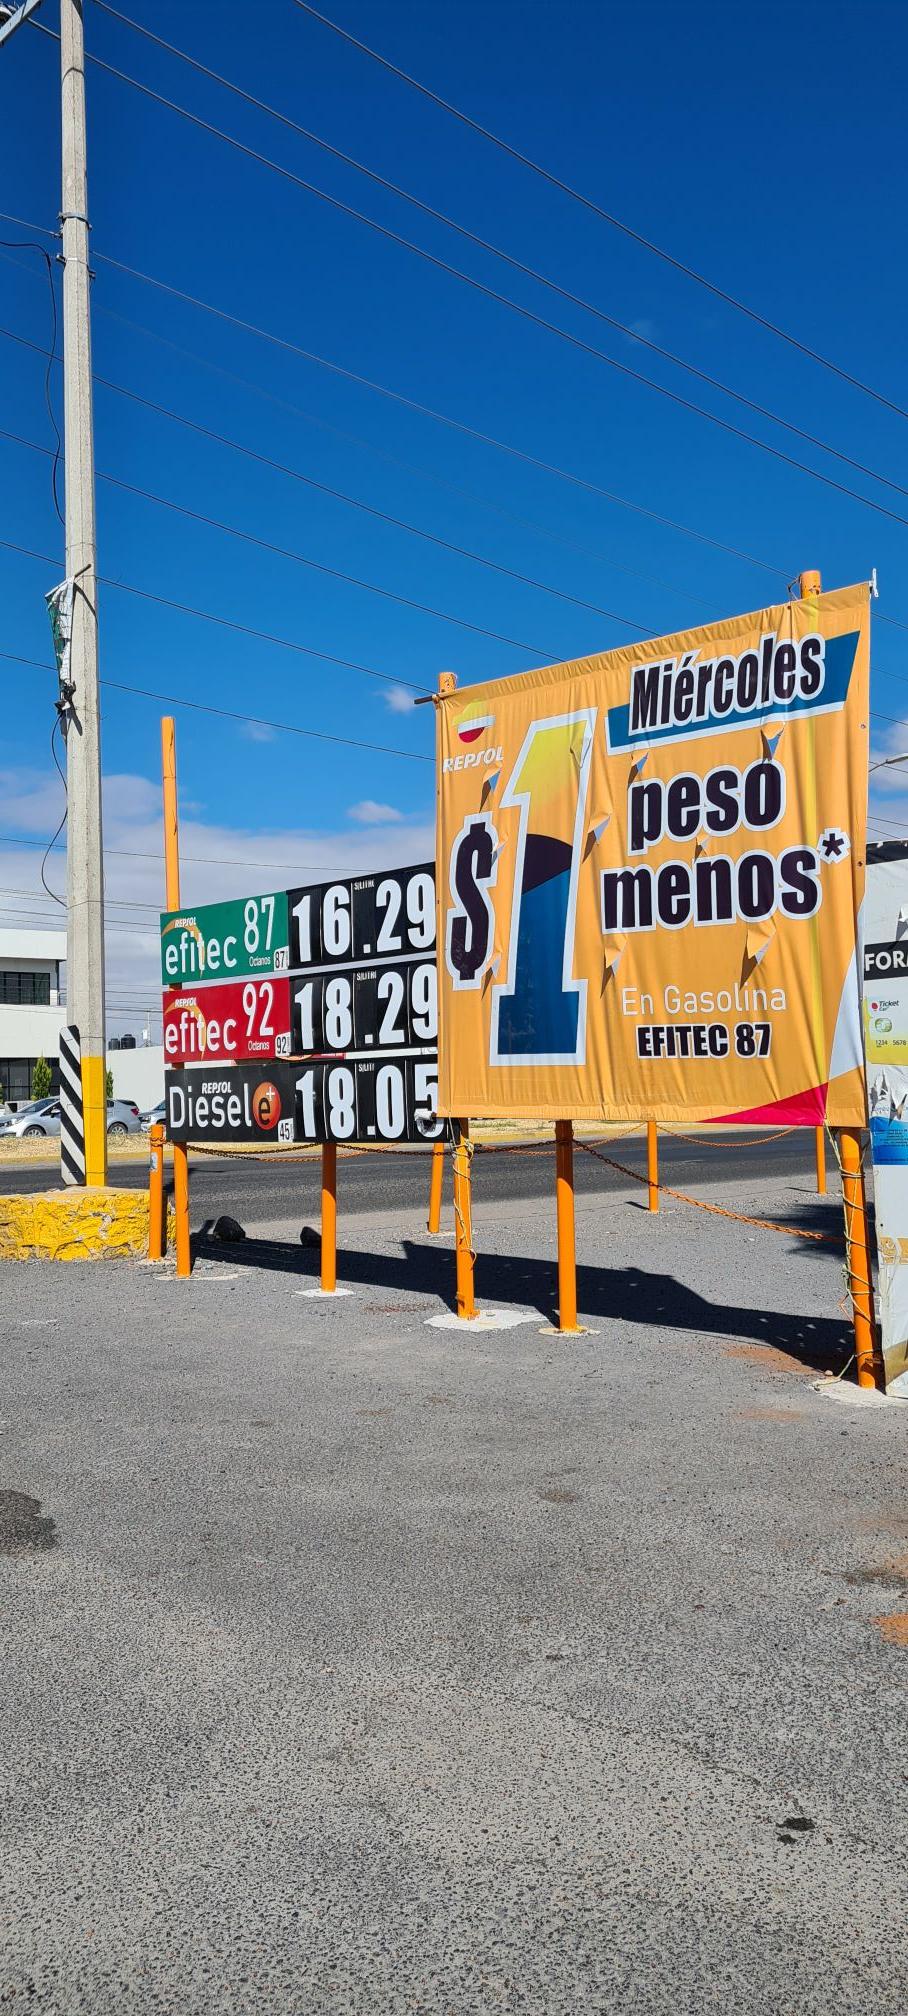 Gasolina Repsol a $16.29lt CELAYA